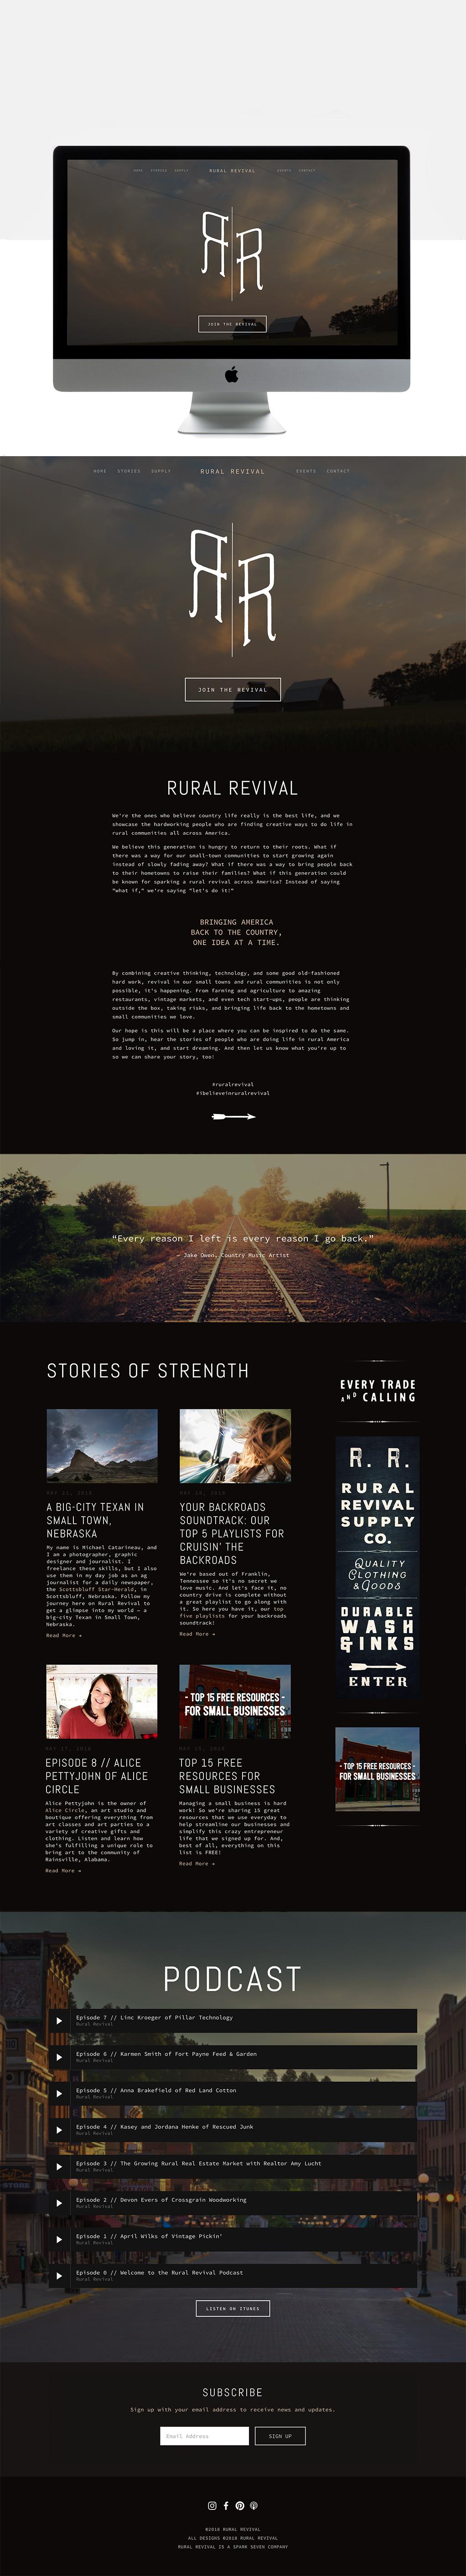 rural revival website board 2.jpg